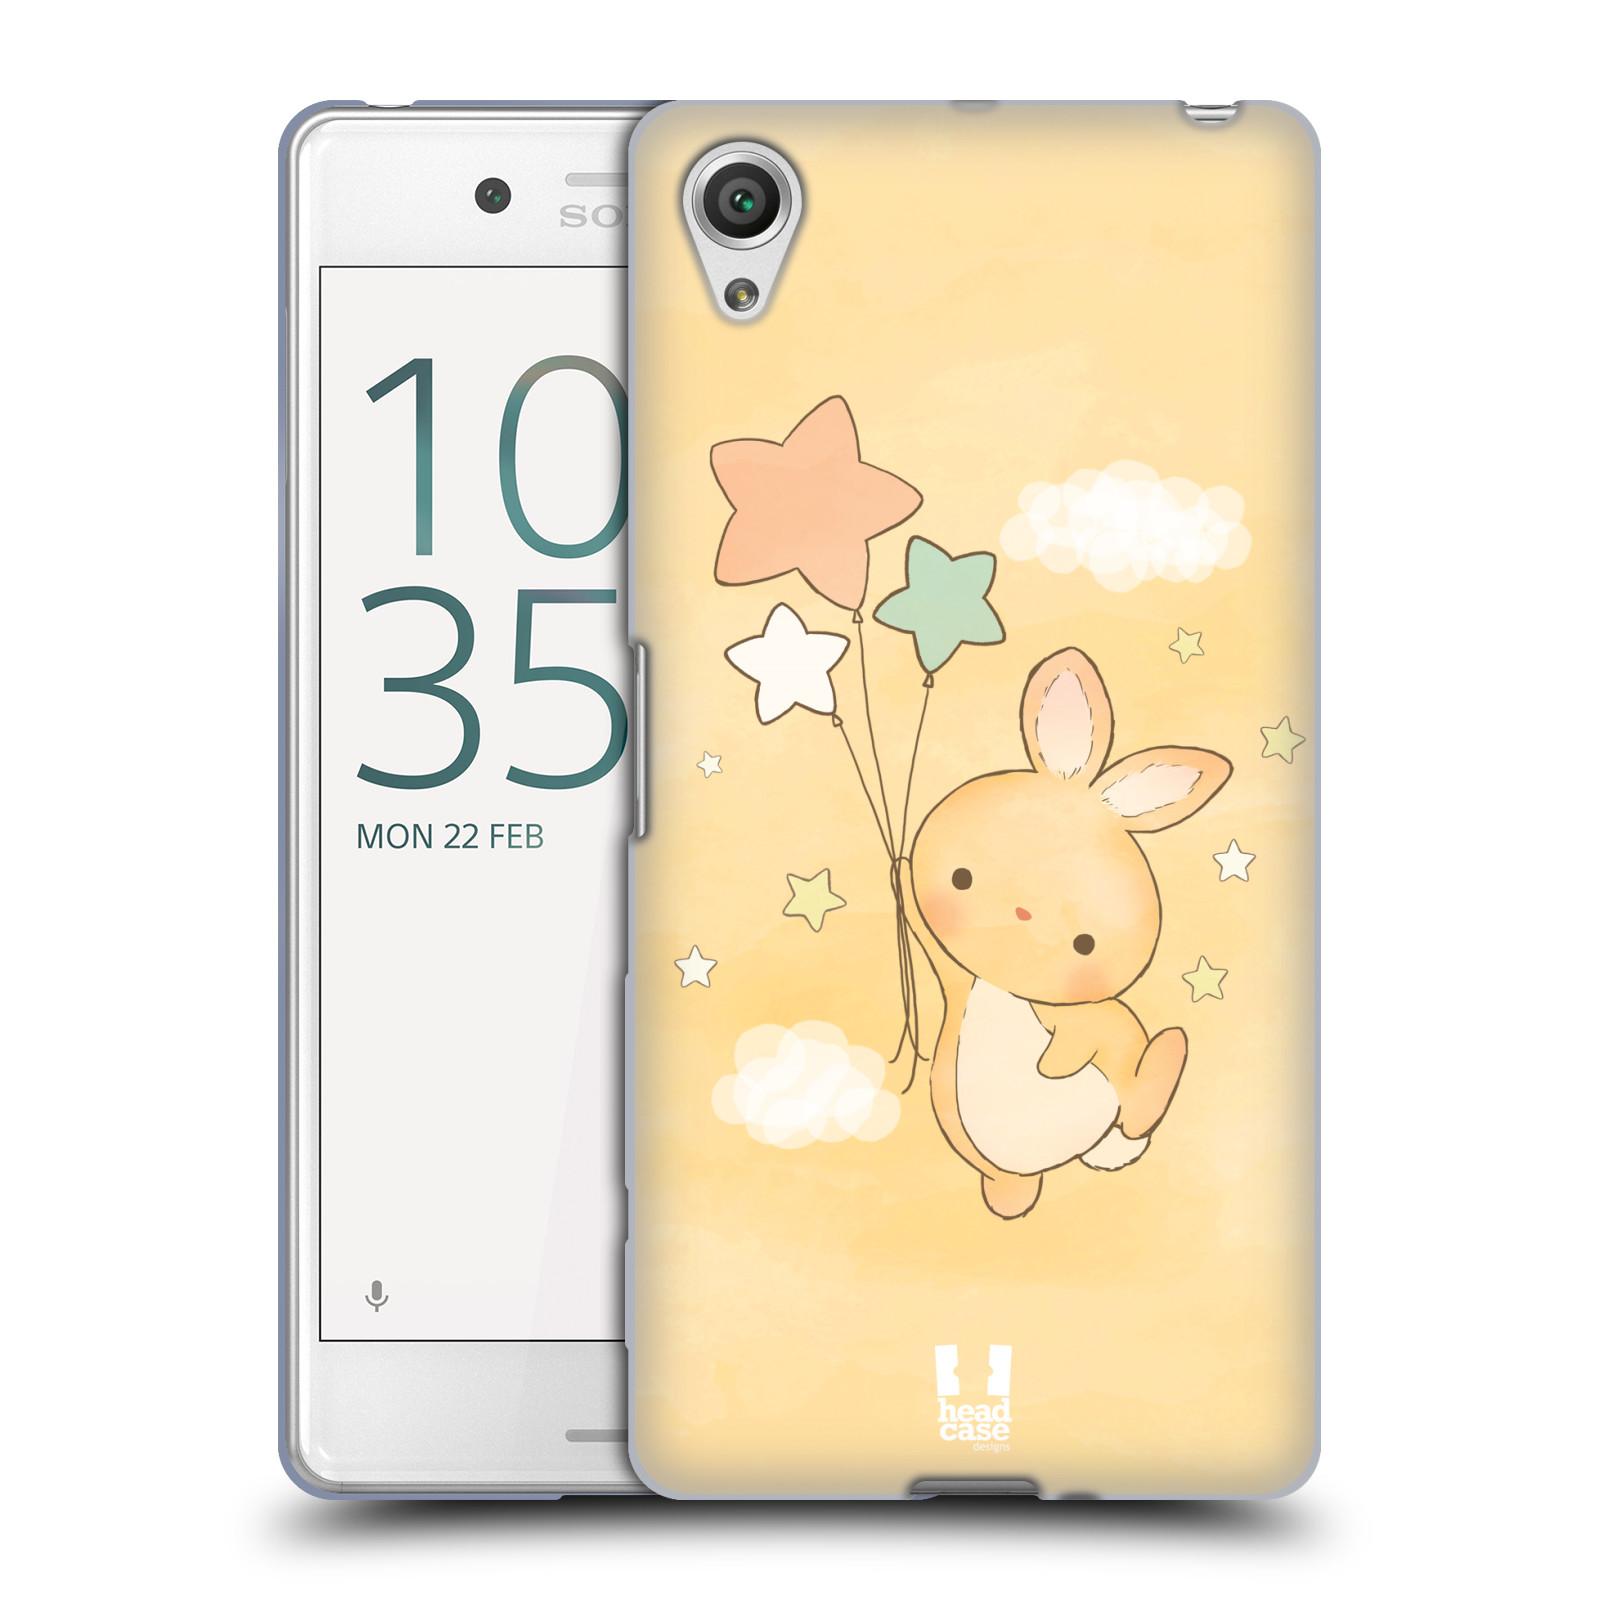 HEAD CASE silikonový obal na mobil Sony Xperia X PERFORMANCE (F8131, F8132) vzor králíček a hvězdy žlutá